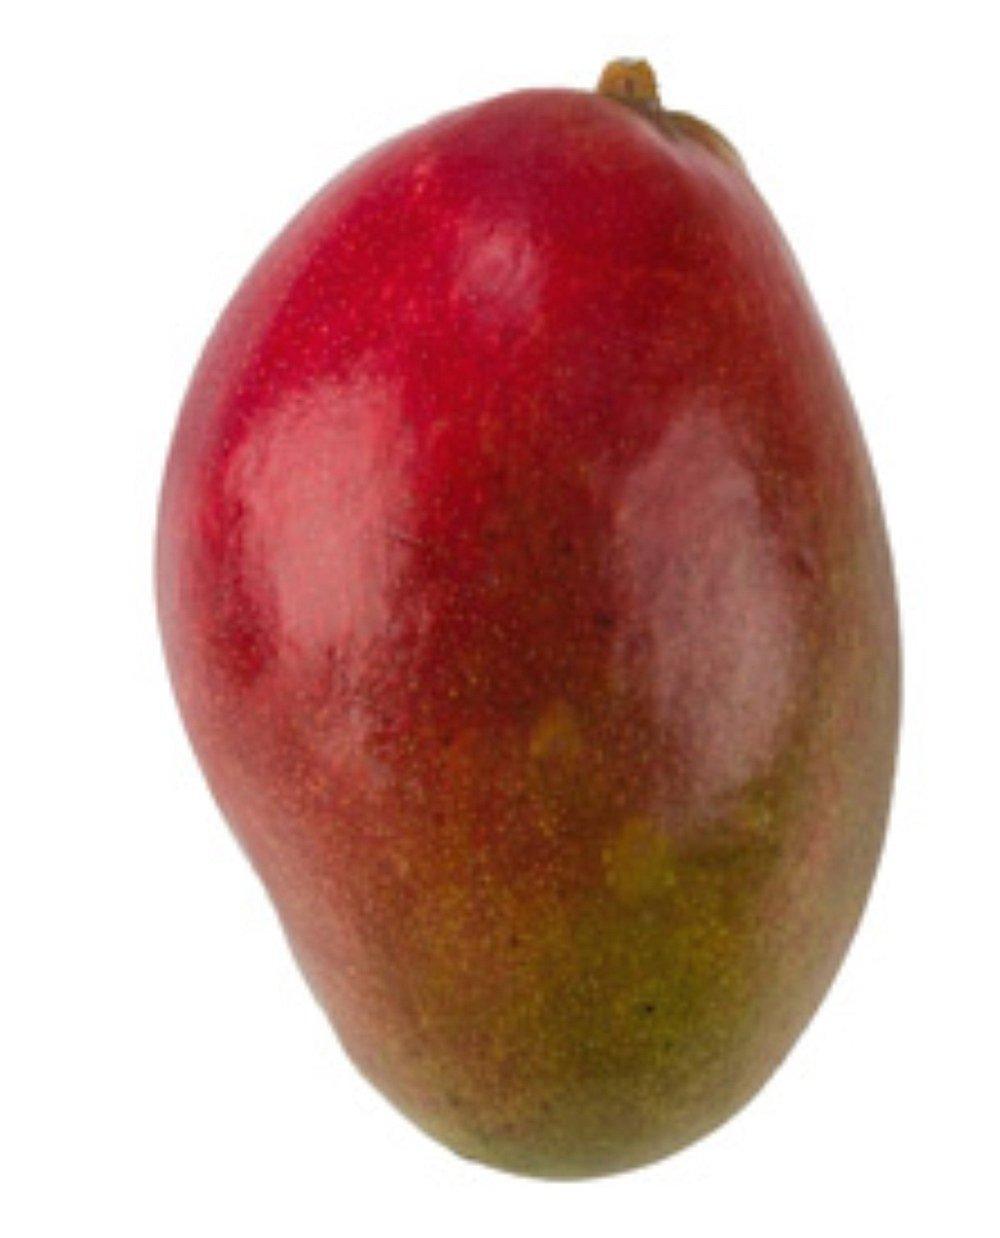 Mango 7 ks odr. KENT VELKÉ cca 450-550 g